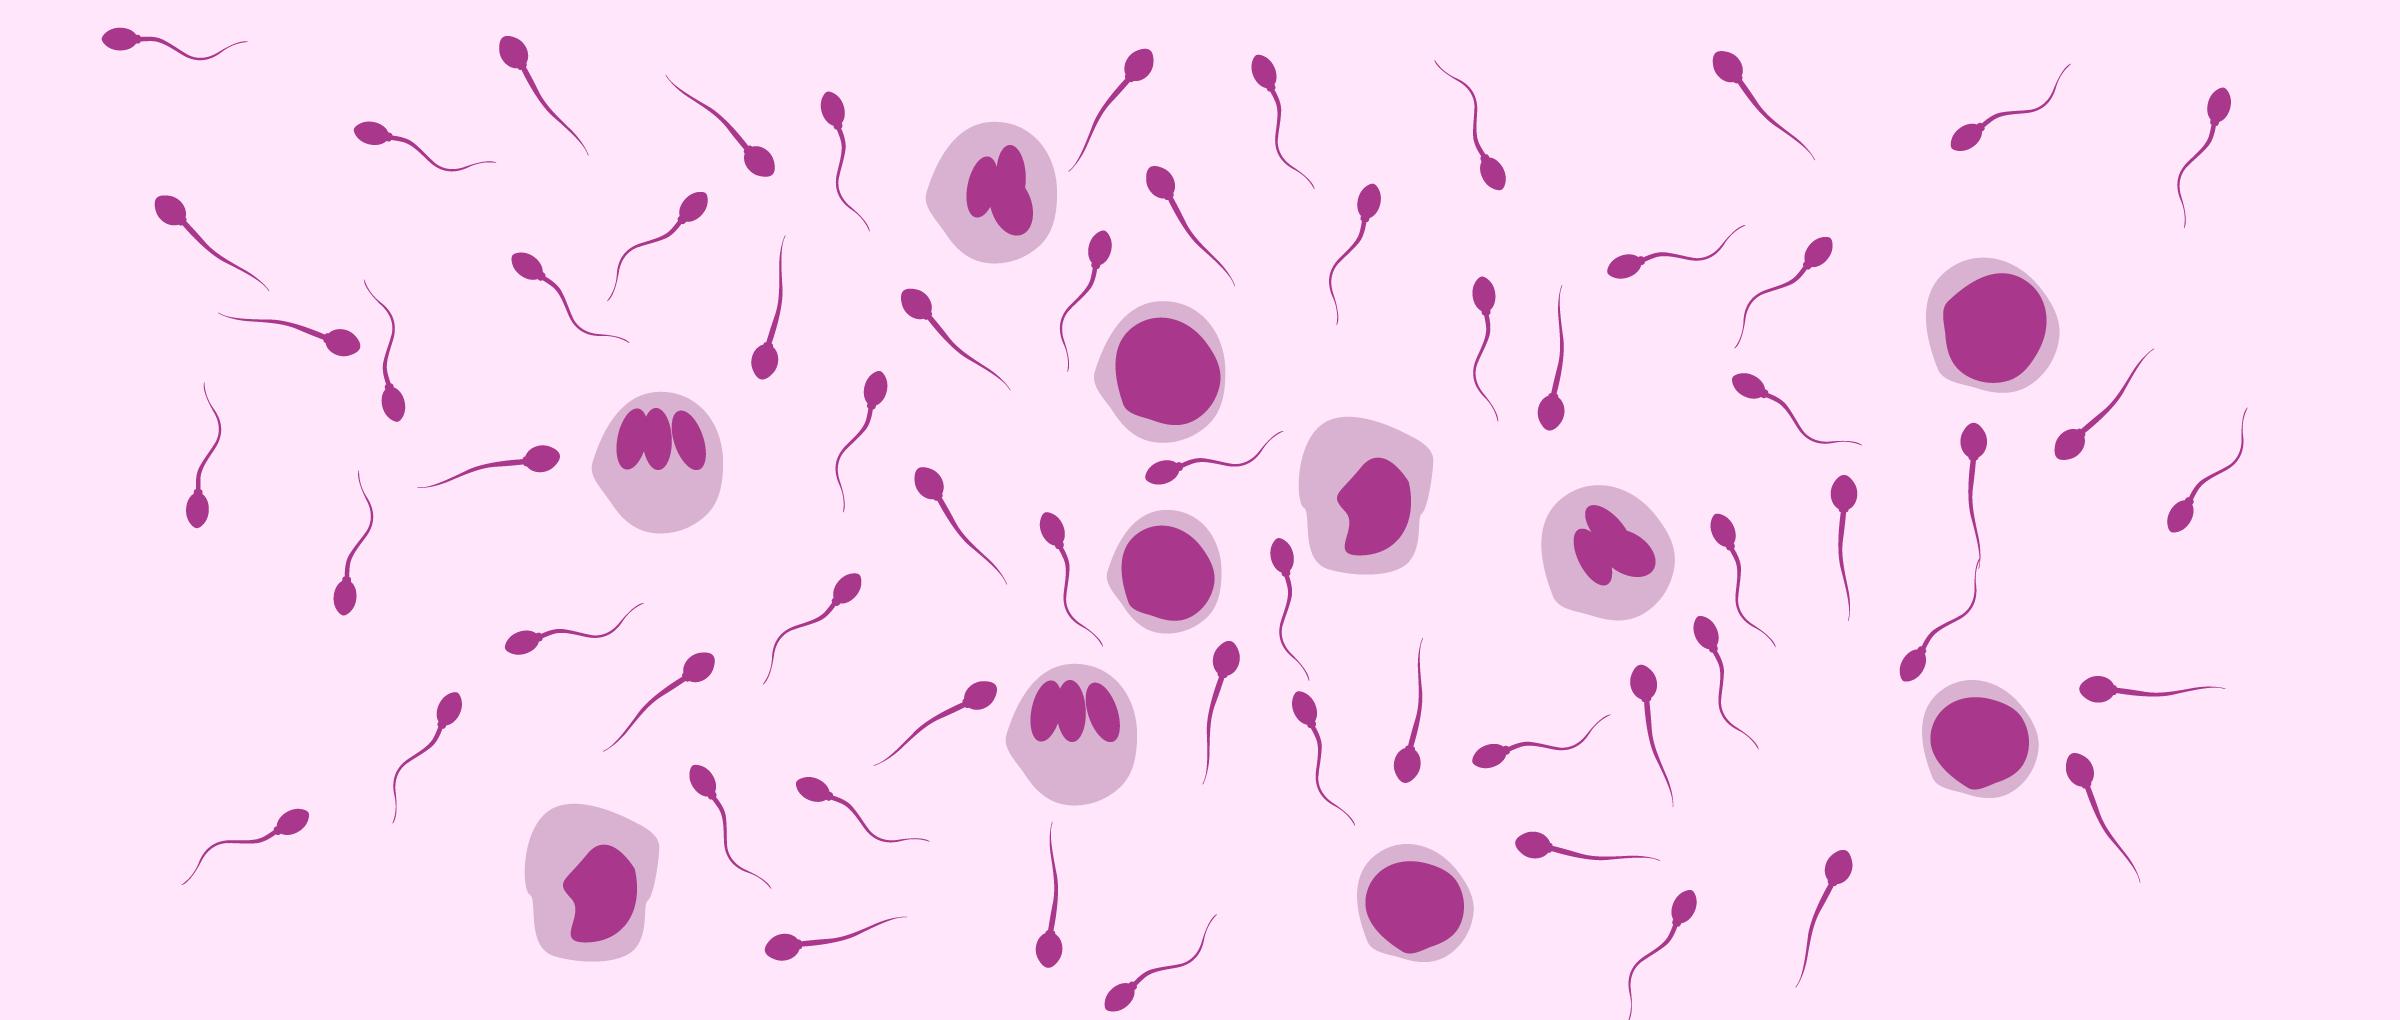 xét nghiệm tinh dịch đồ ở nam giới là để xác định chất lượng tinh trùng và tình trạng sức khỏe sinh sản